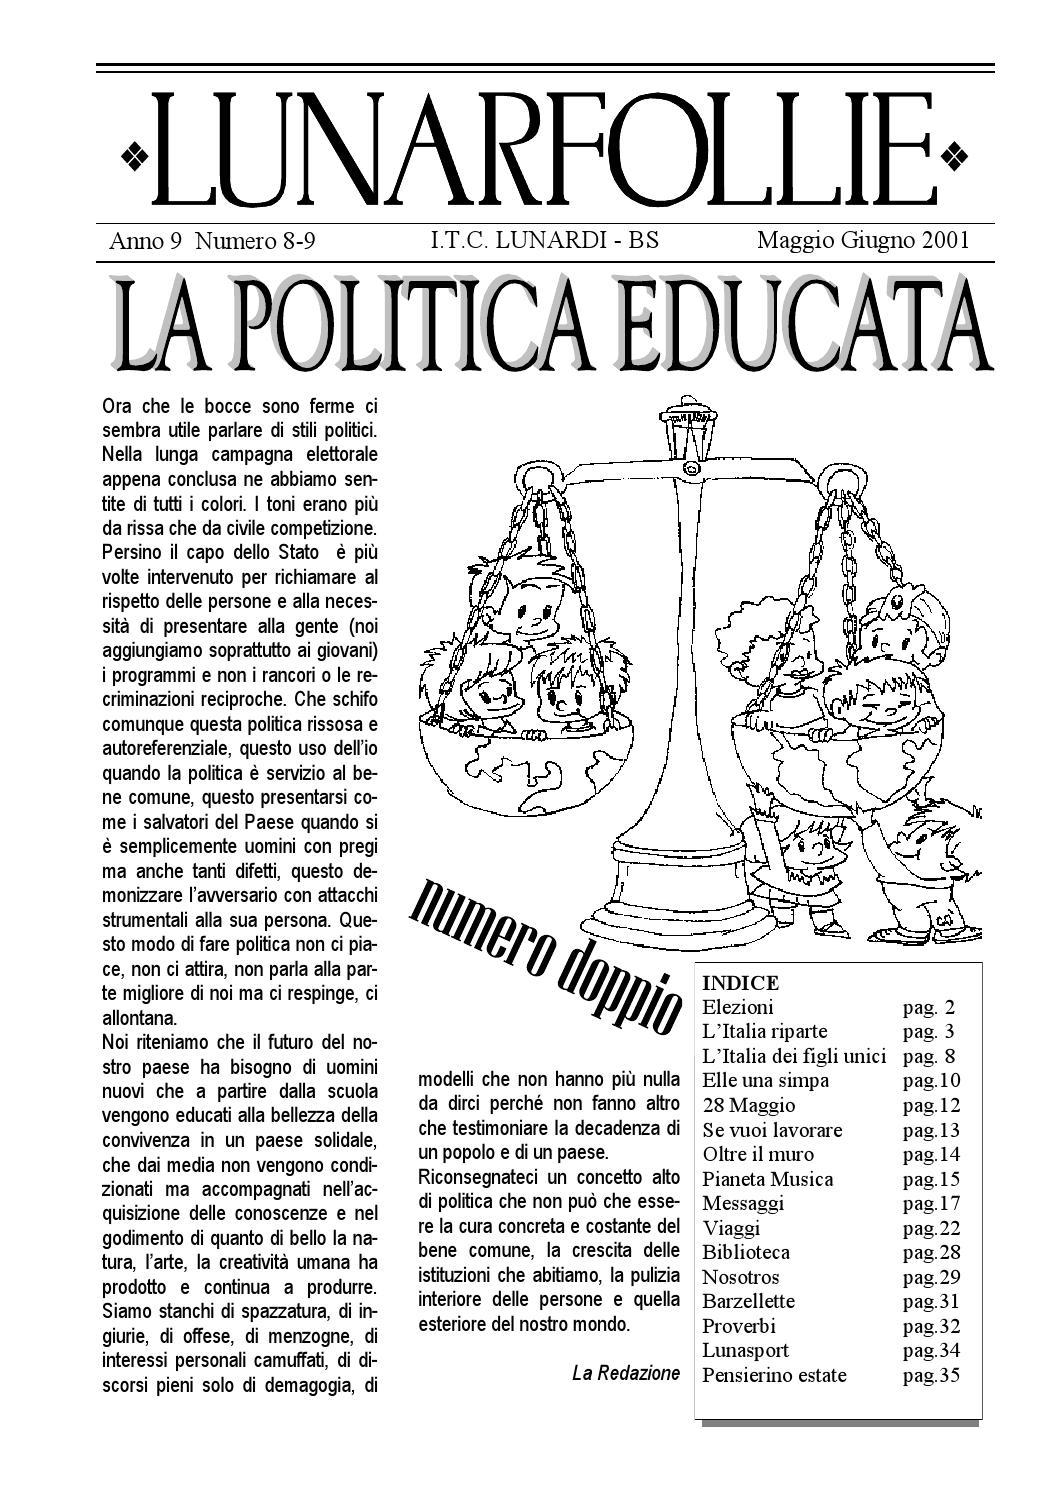 Francesco Un Duendecillo Como Nosotros Versione In